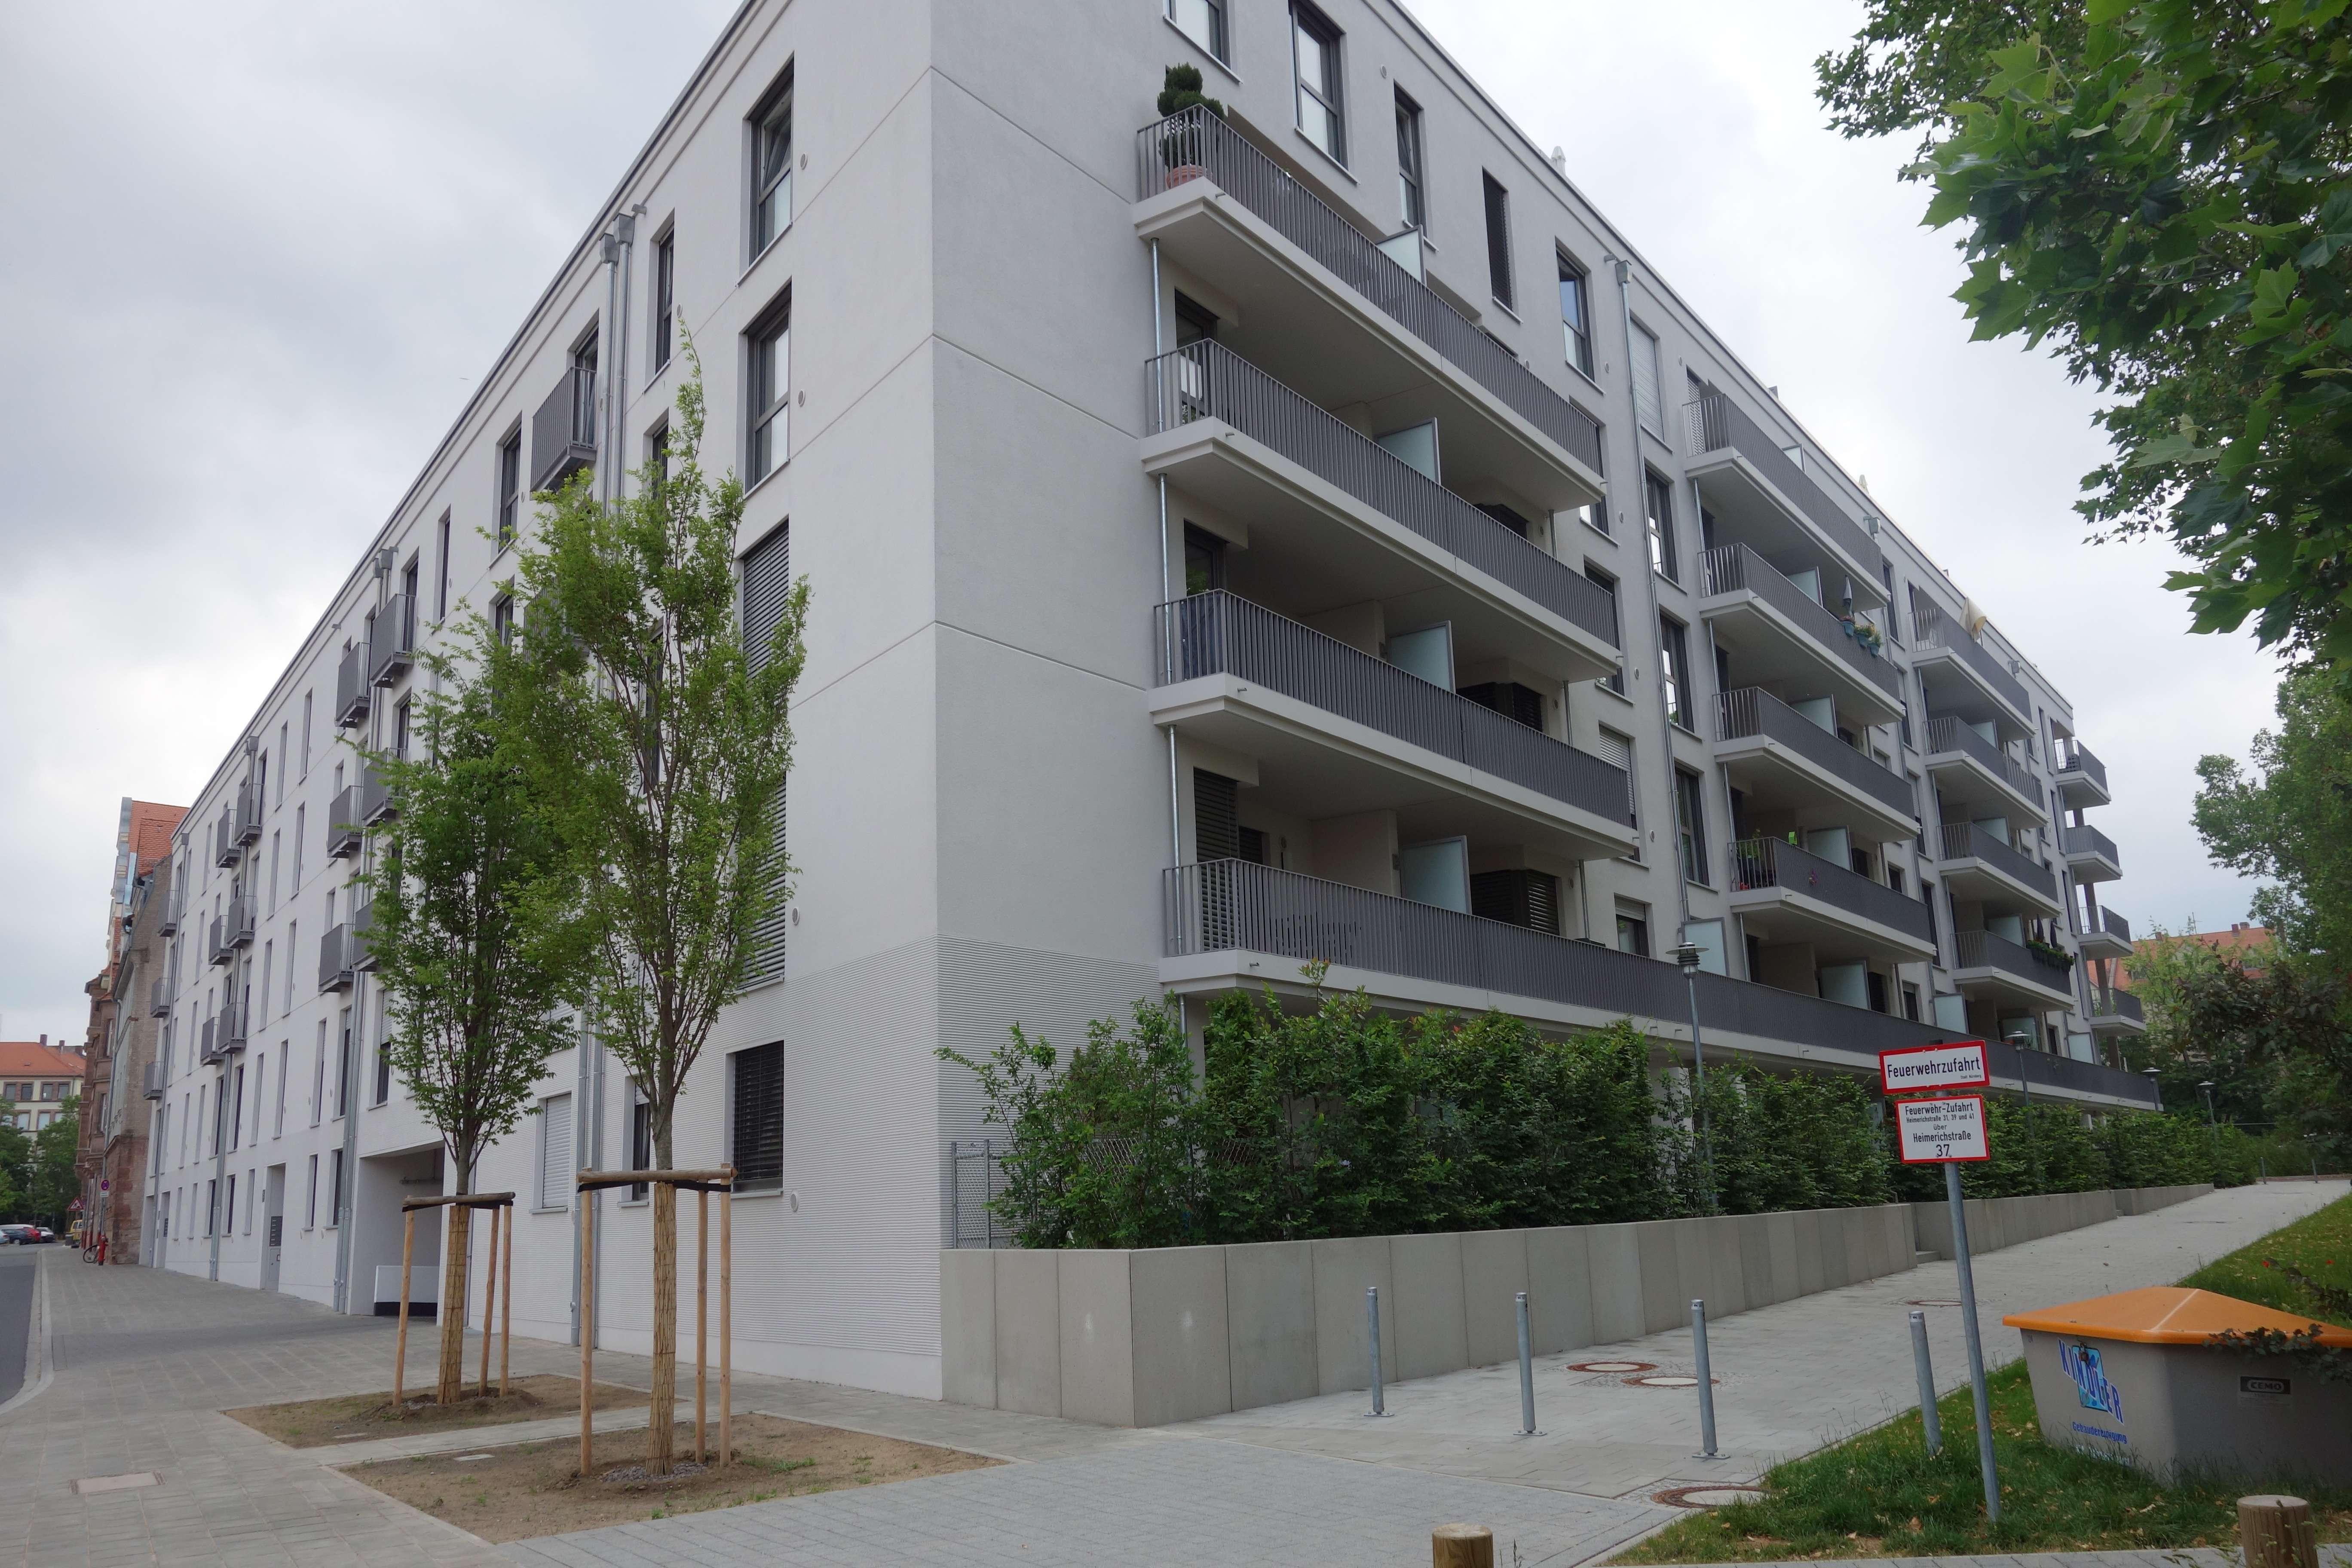 Helle Penthouse-Wohnung mit Dachterrasse in Nürnberg - St. Johannis in Bielingplatz (Nürnberg)